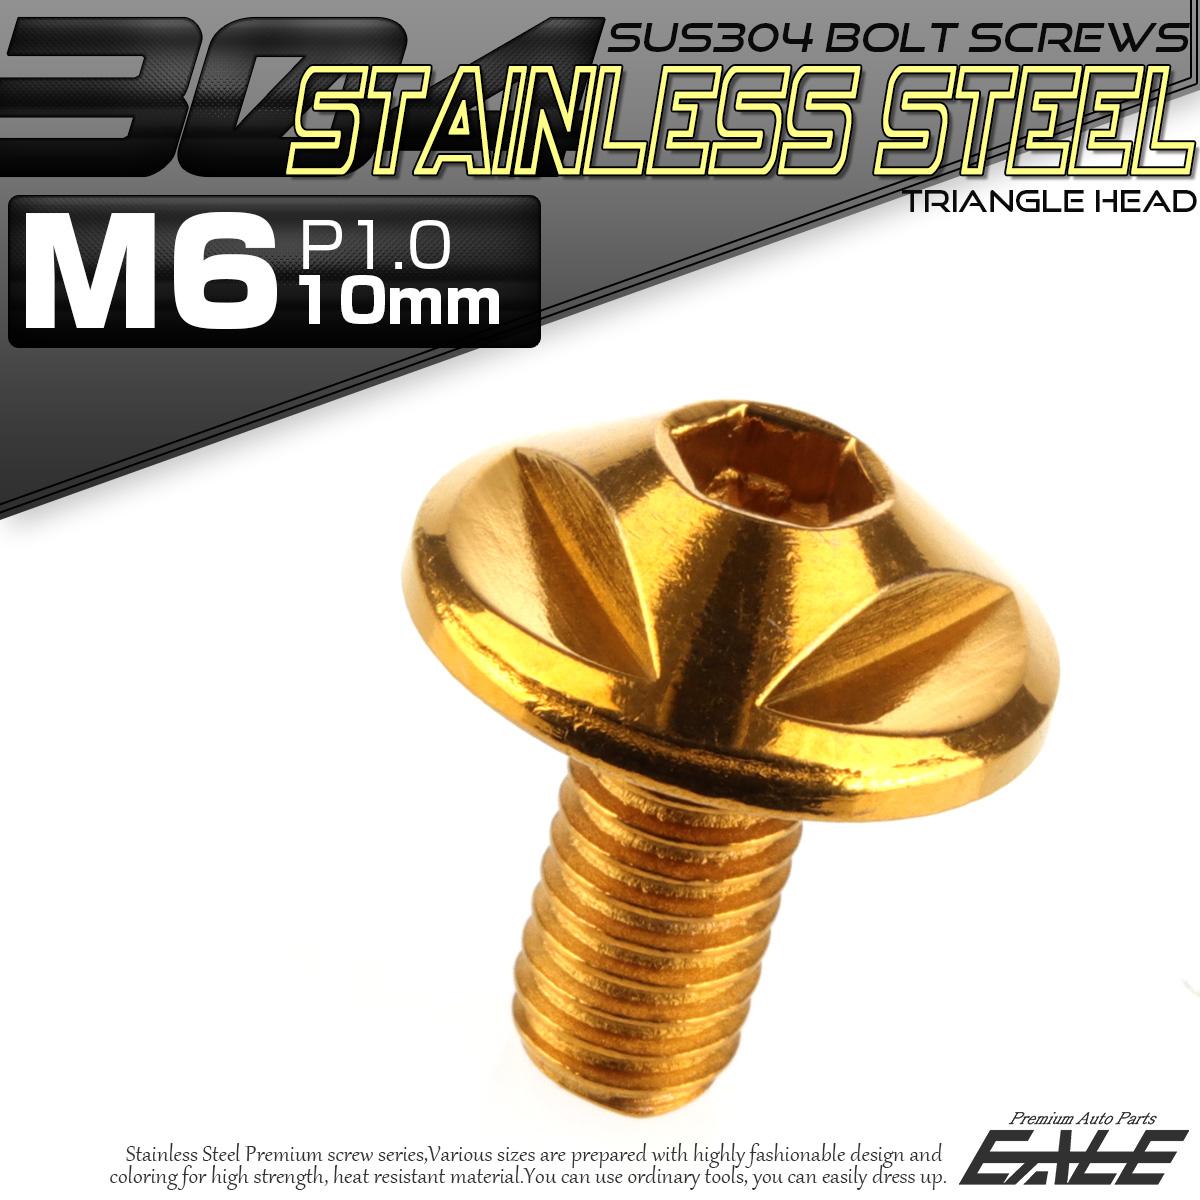 SUS304 フランジ付 ボタンボルト M6×10mm P1.0 六角穴  ゴールド トライアングルヘッド ステンレス製  TR0148